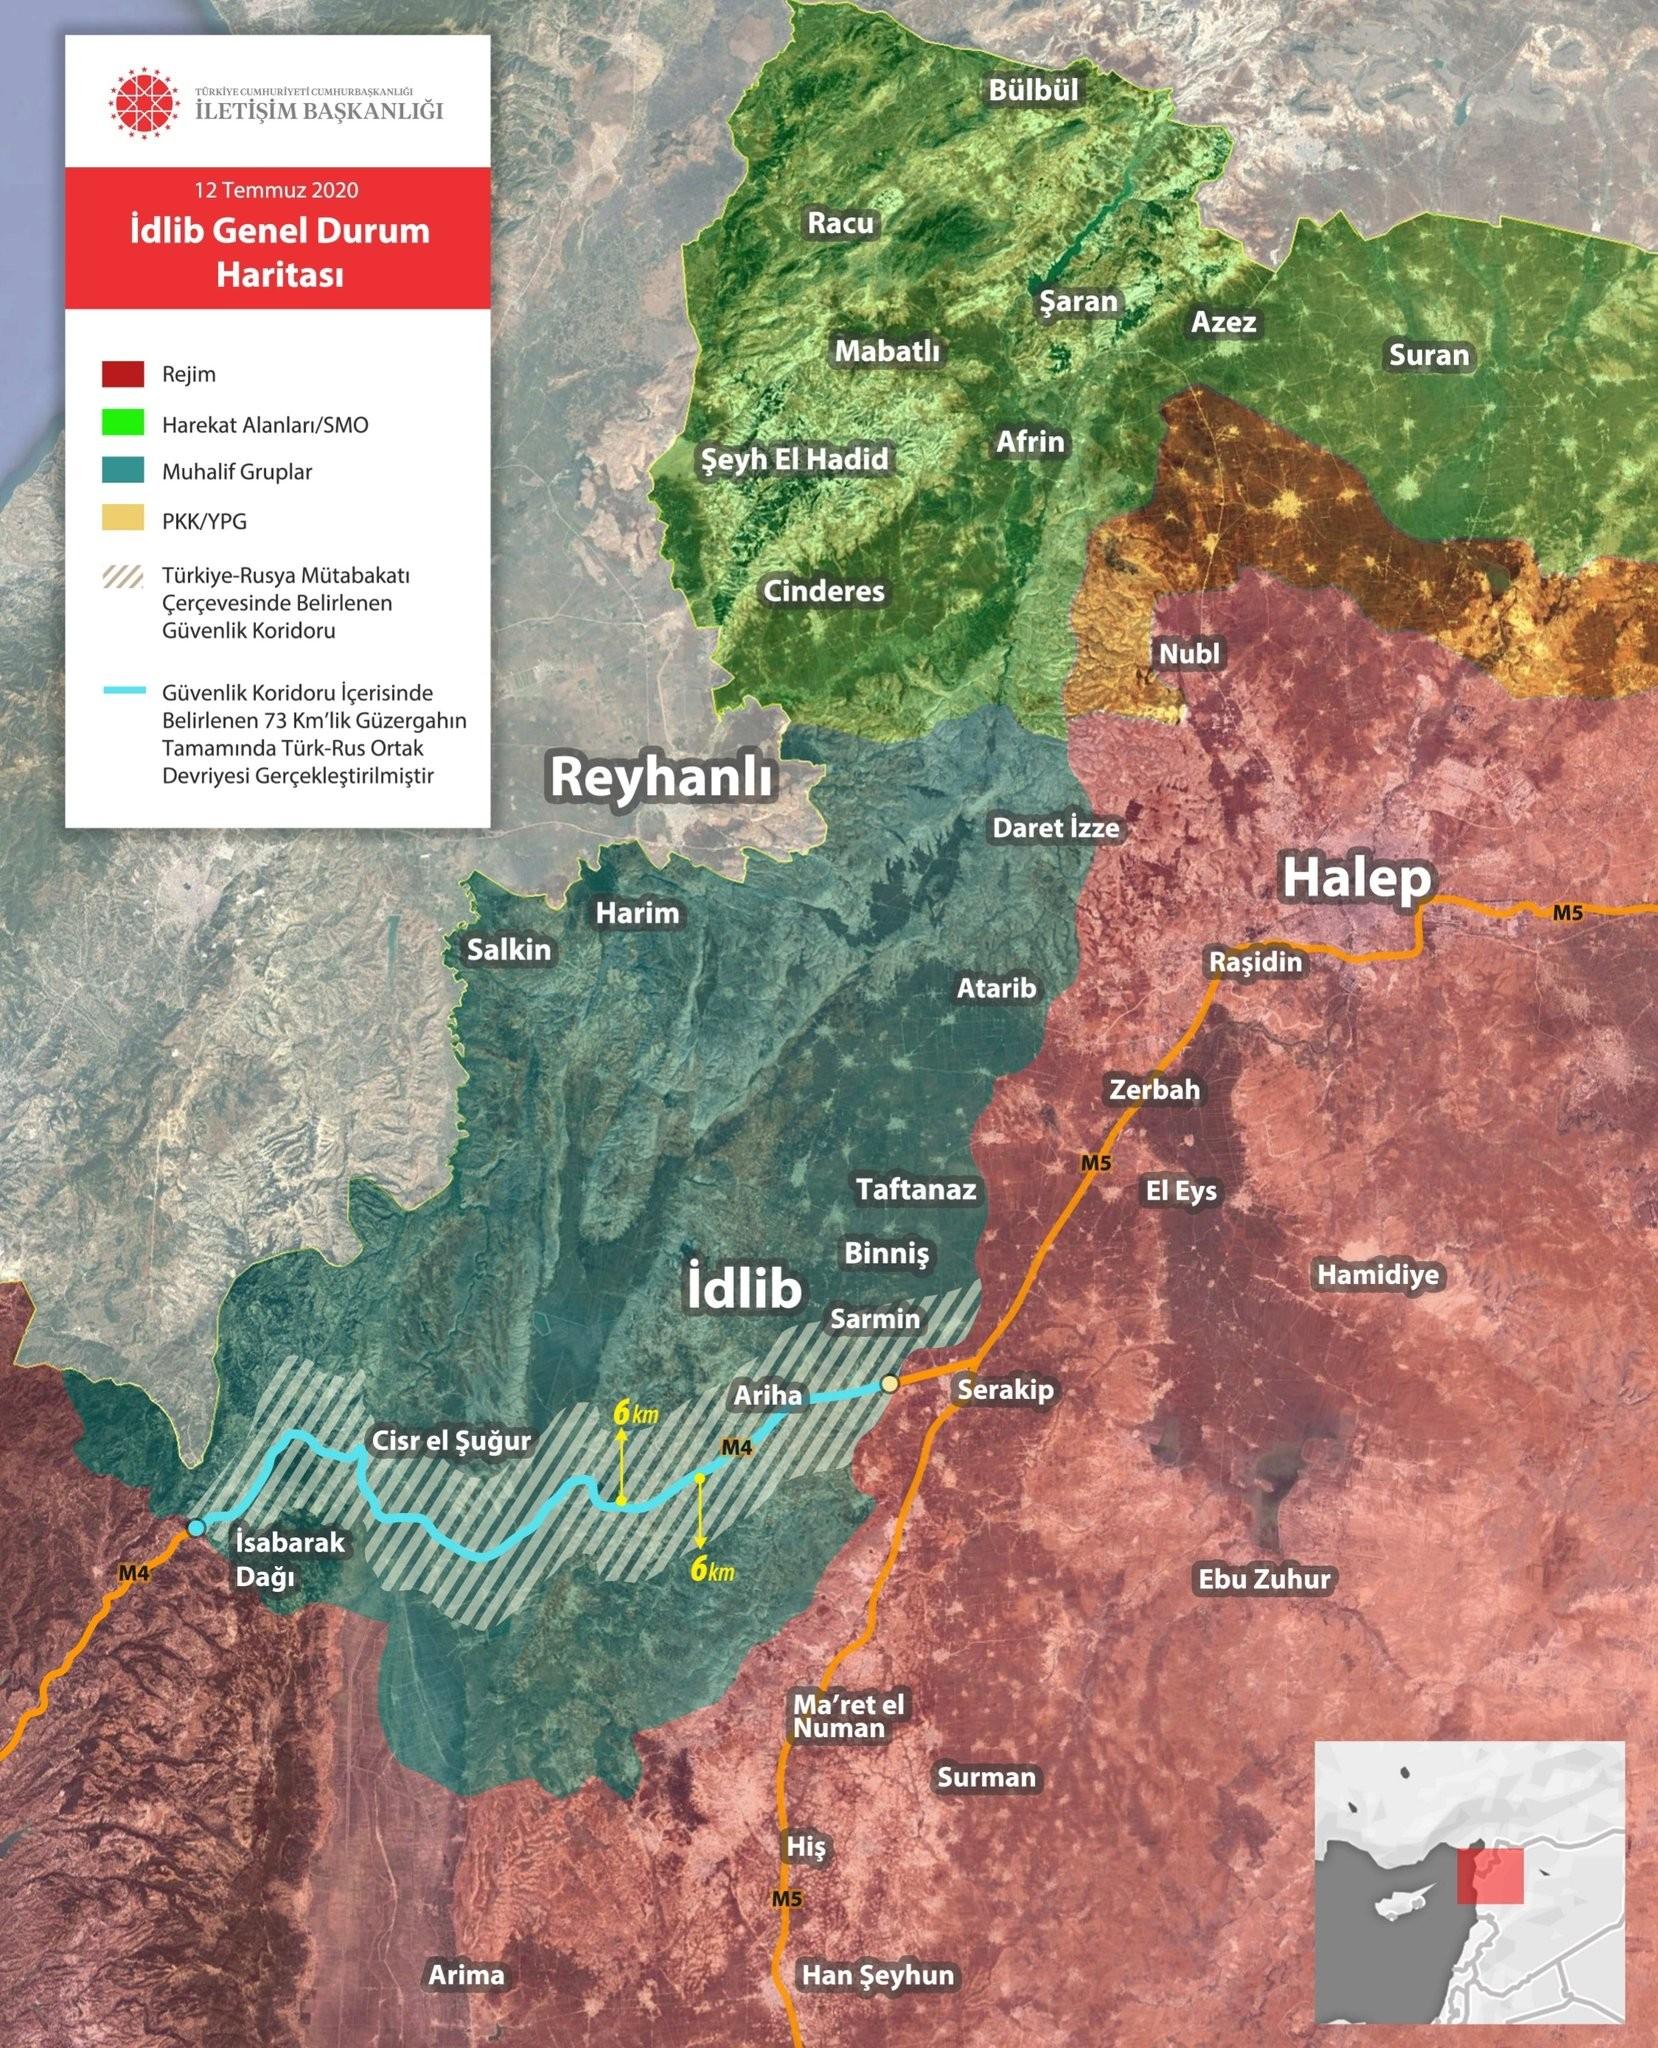 الرئاسة التركية : بالخرائط.. توزع السيطرة في سوريا ومسير الدوريات المشتركة بإدلب